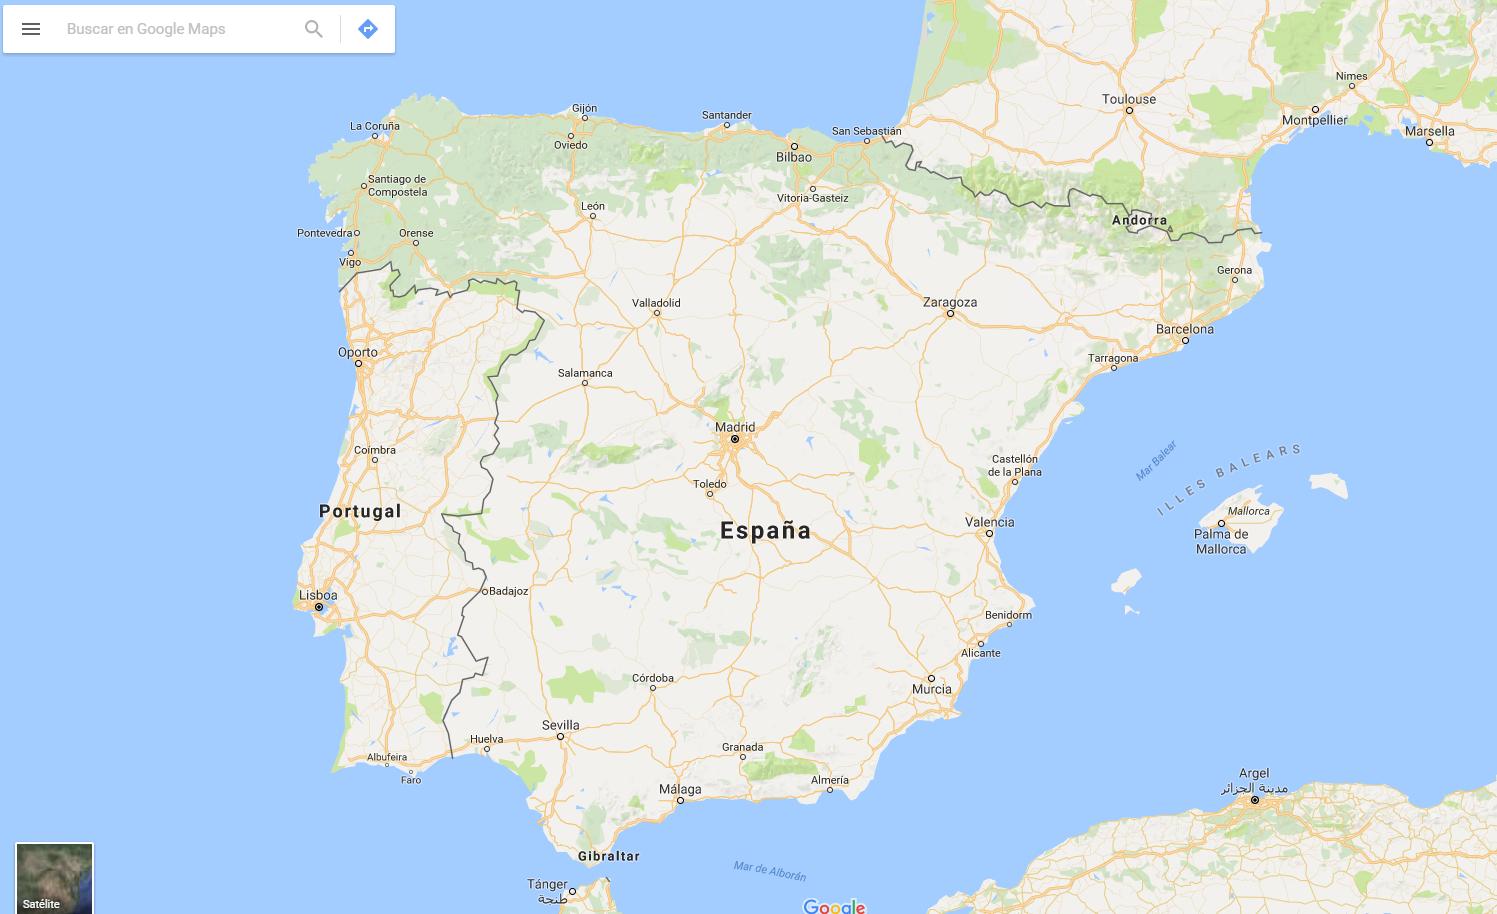 buscador-de-google-maps-españa